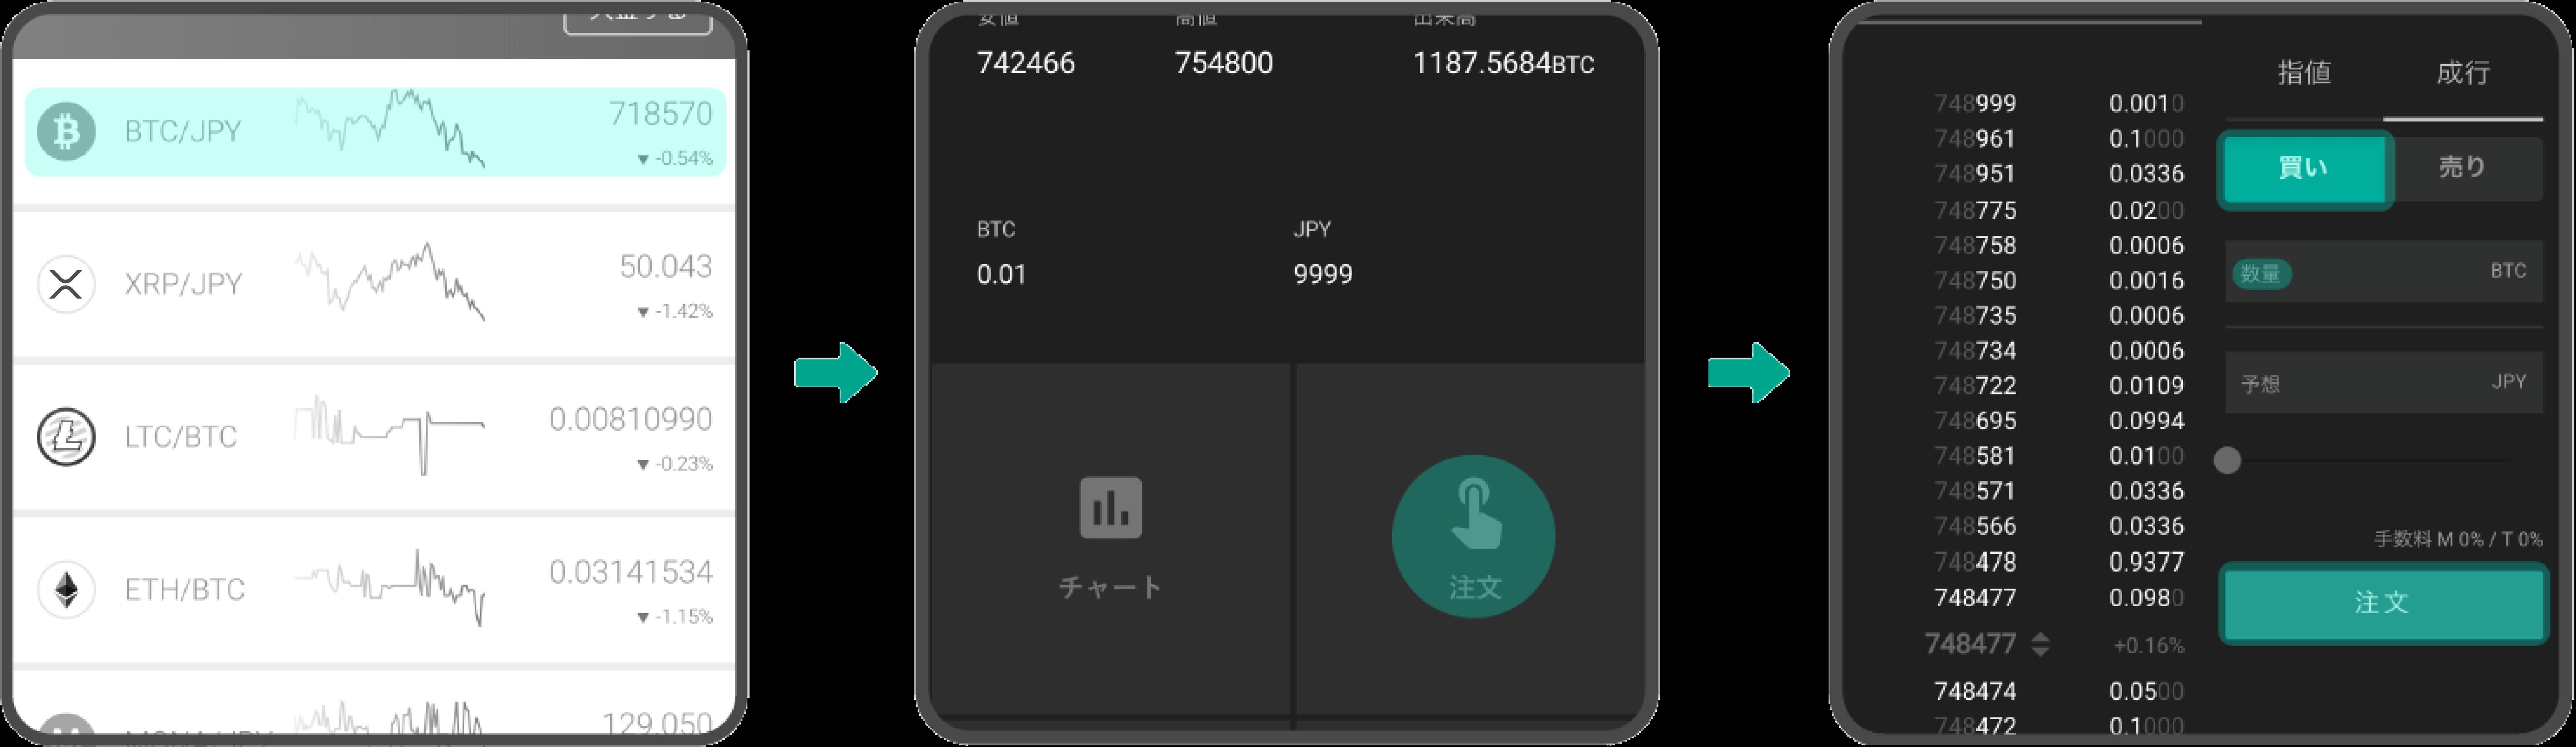 ビットコイン Bitcoin インターネット 静岡三和建設